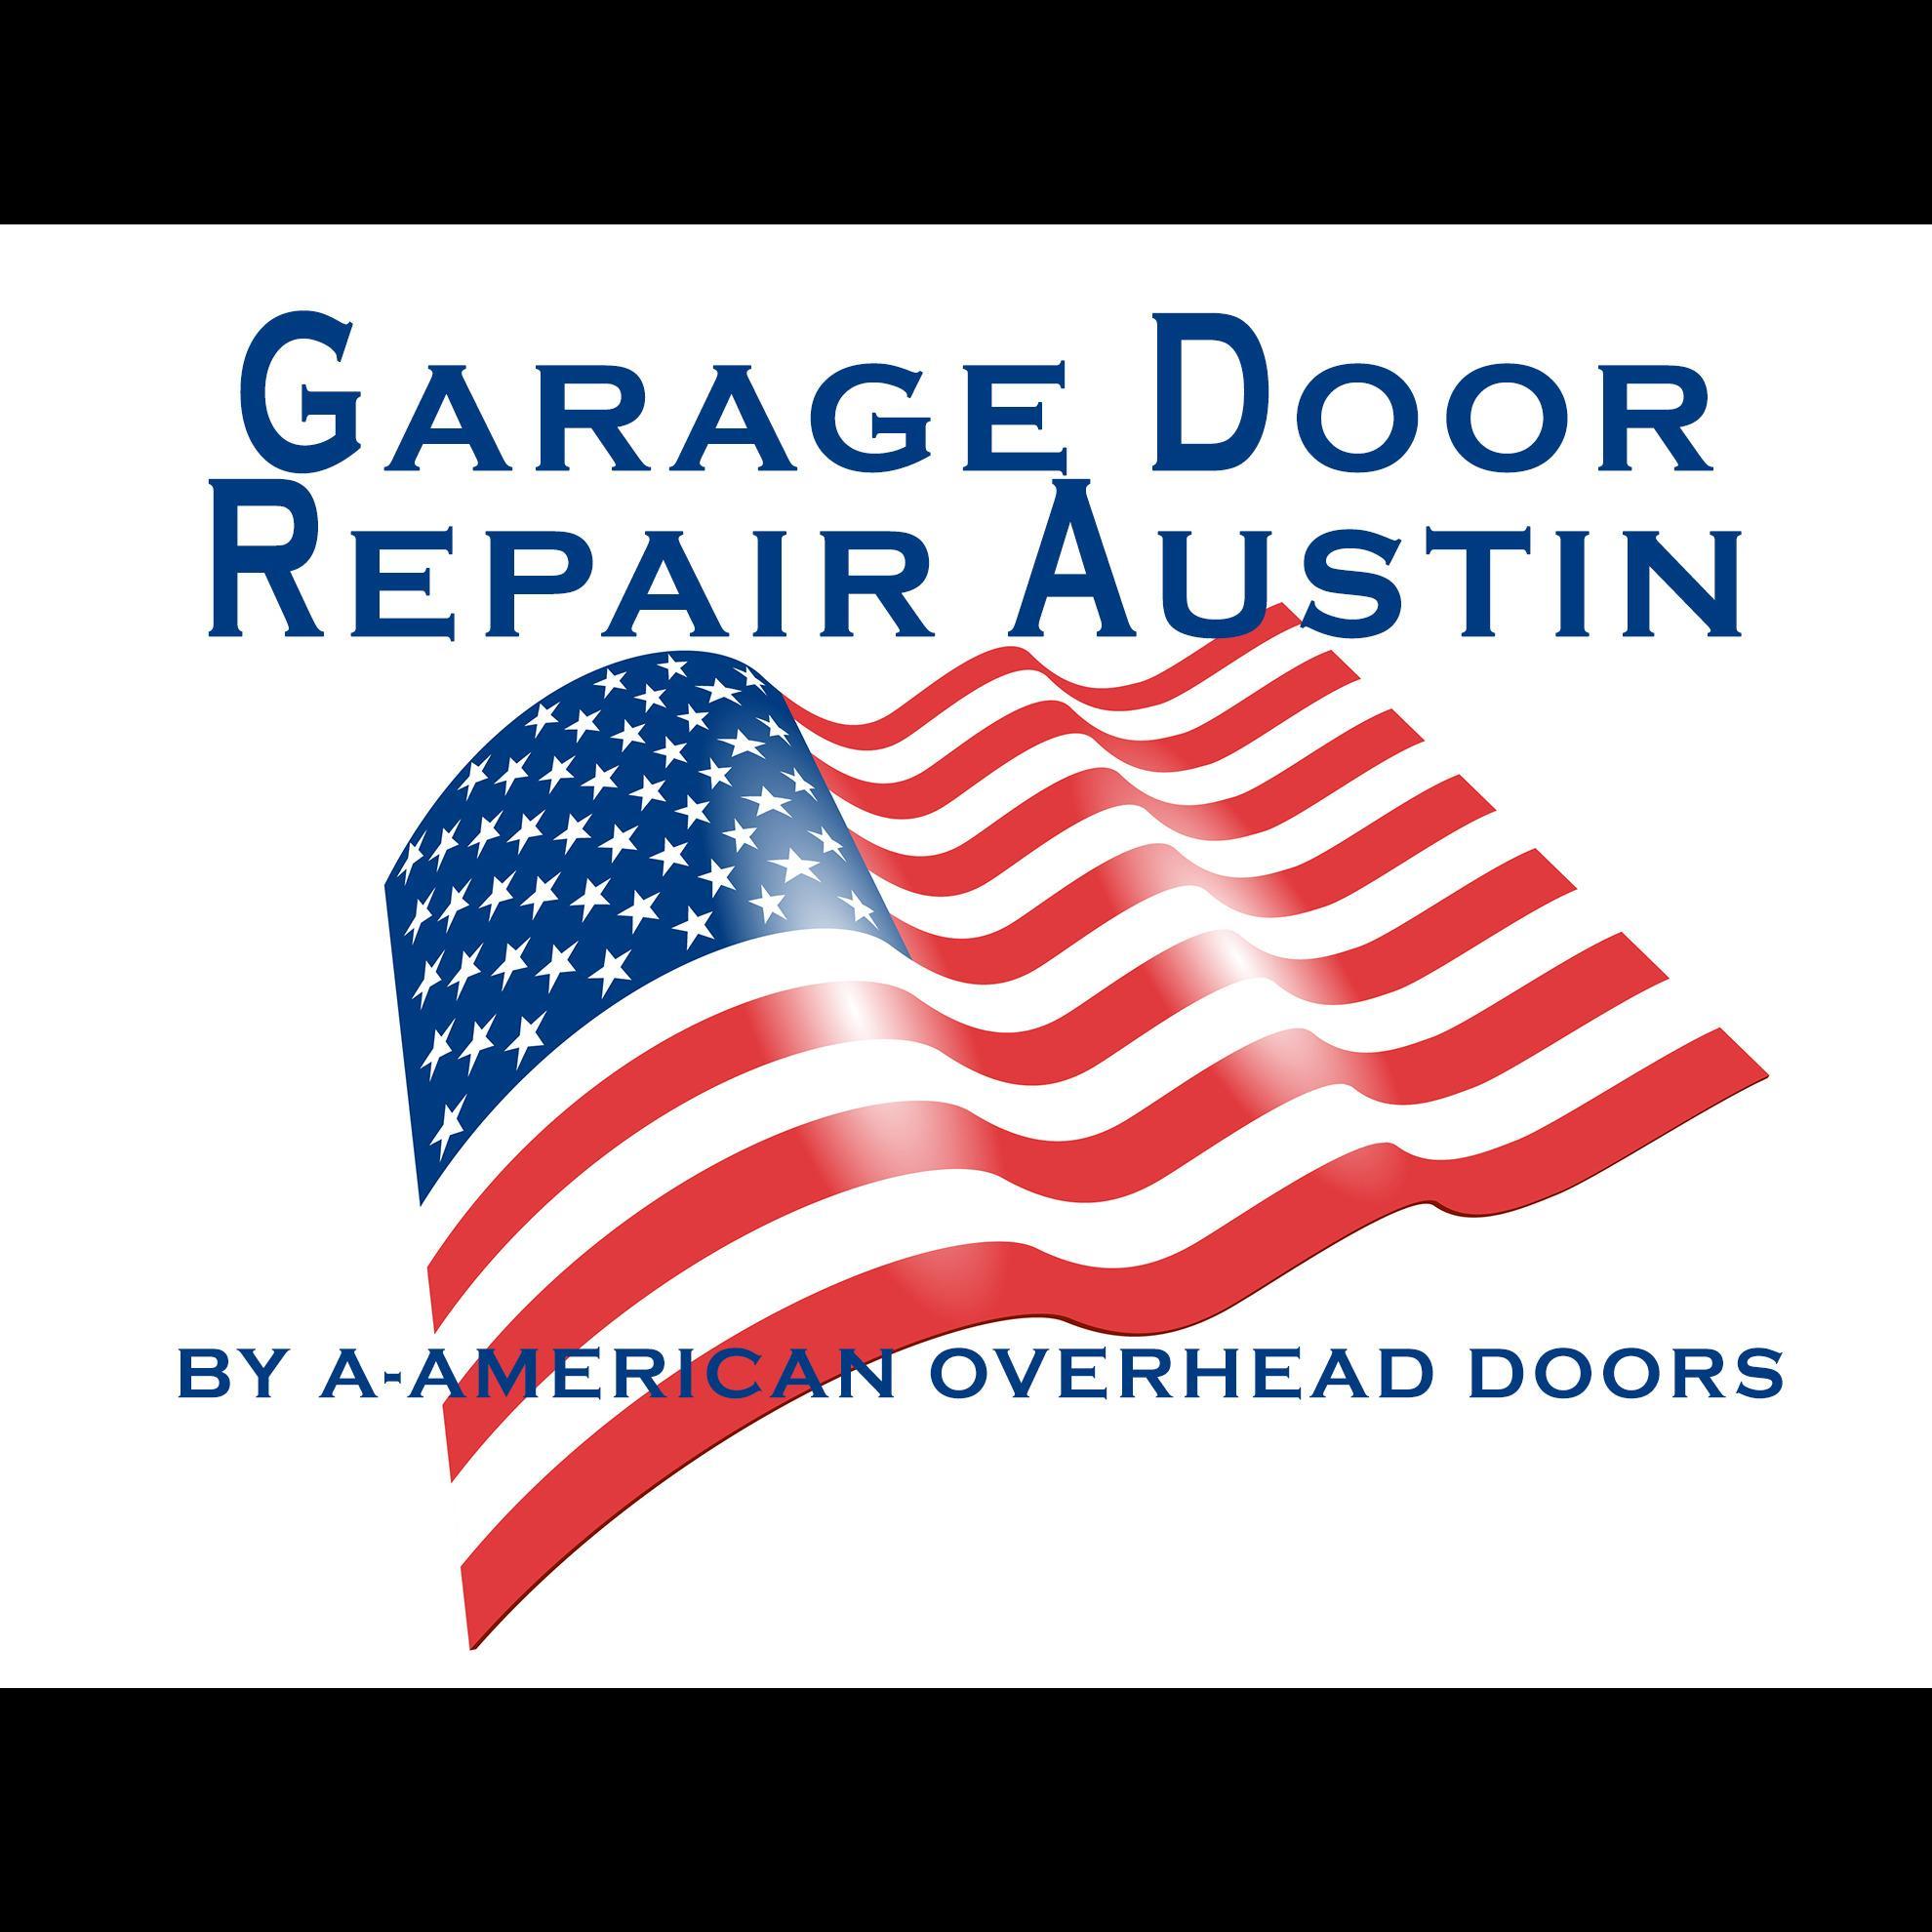 Garage Door Repair Austin By A-American Overhead Doors